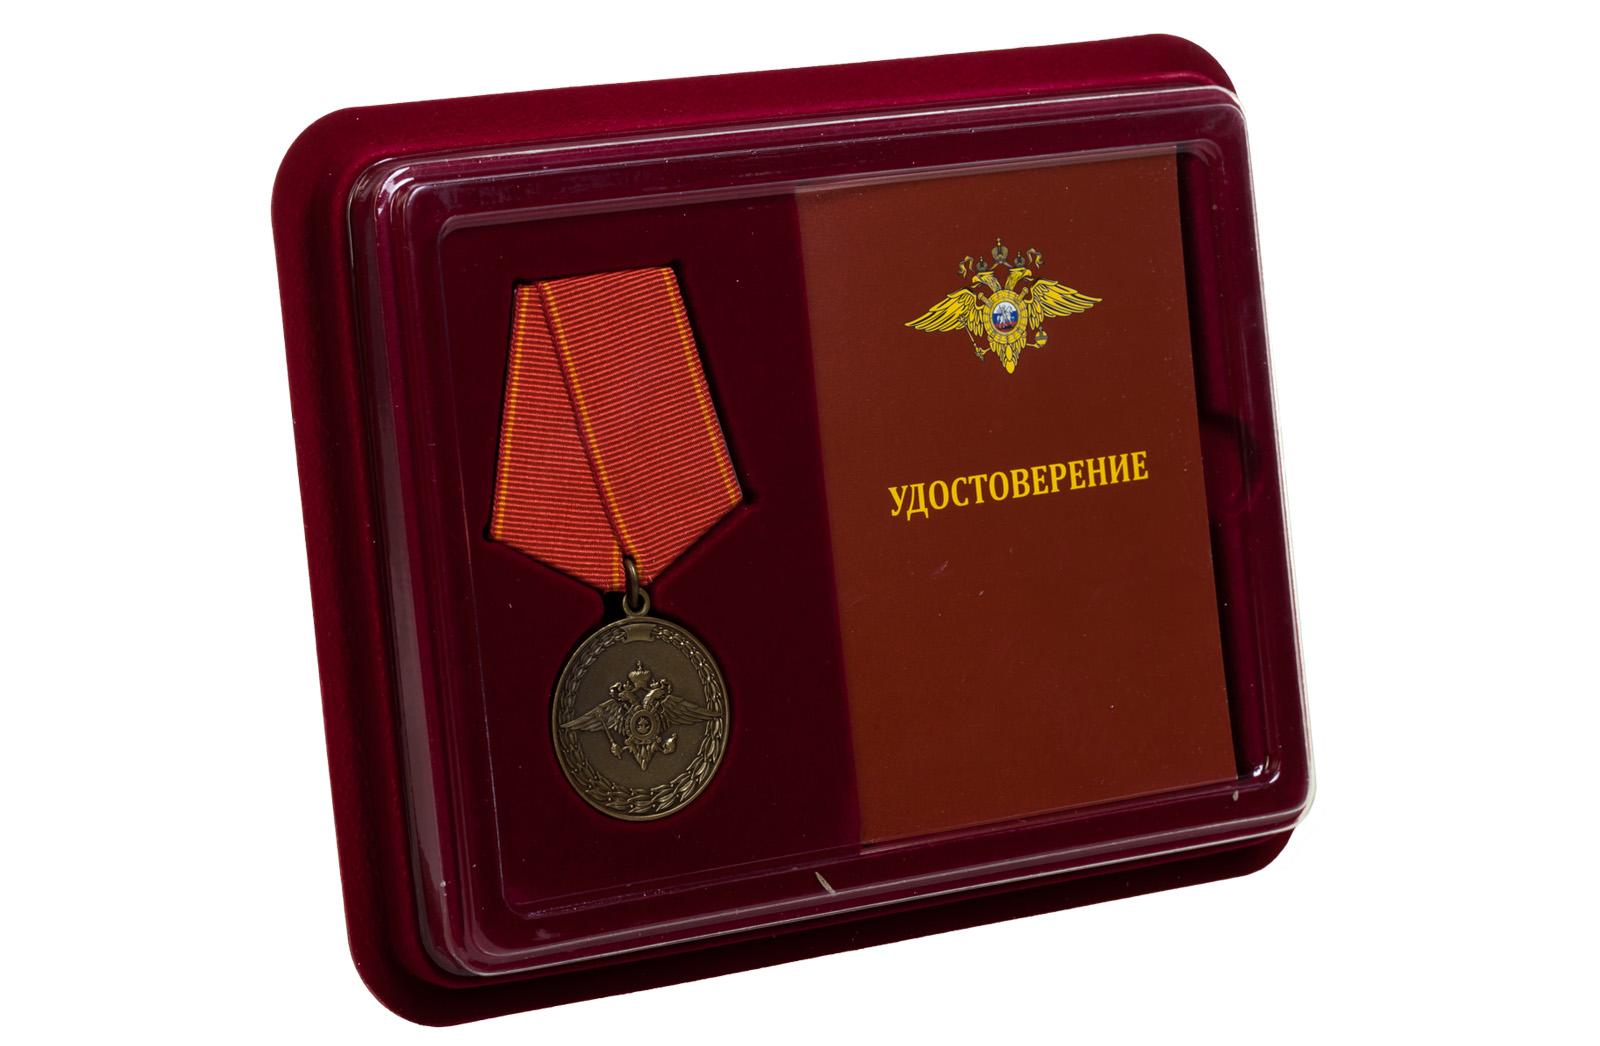 Купить медаль МВД РФ За воинскую доблесть с доставкой или самовывозом